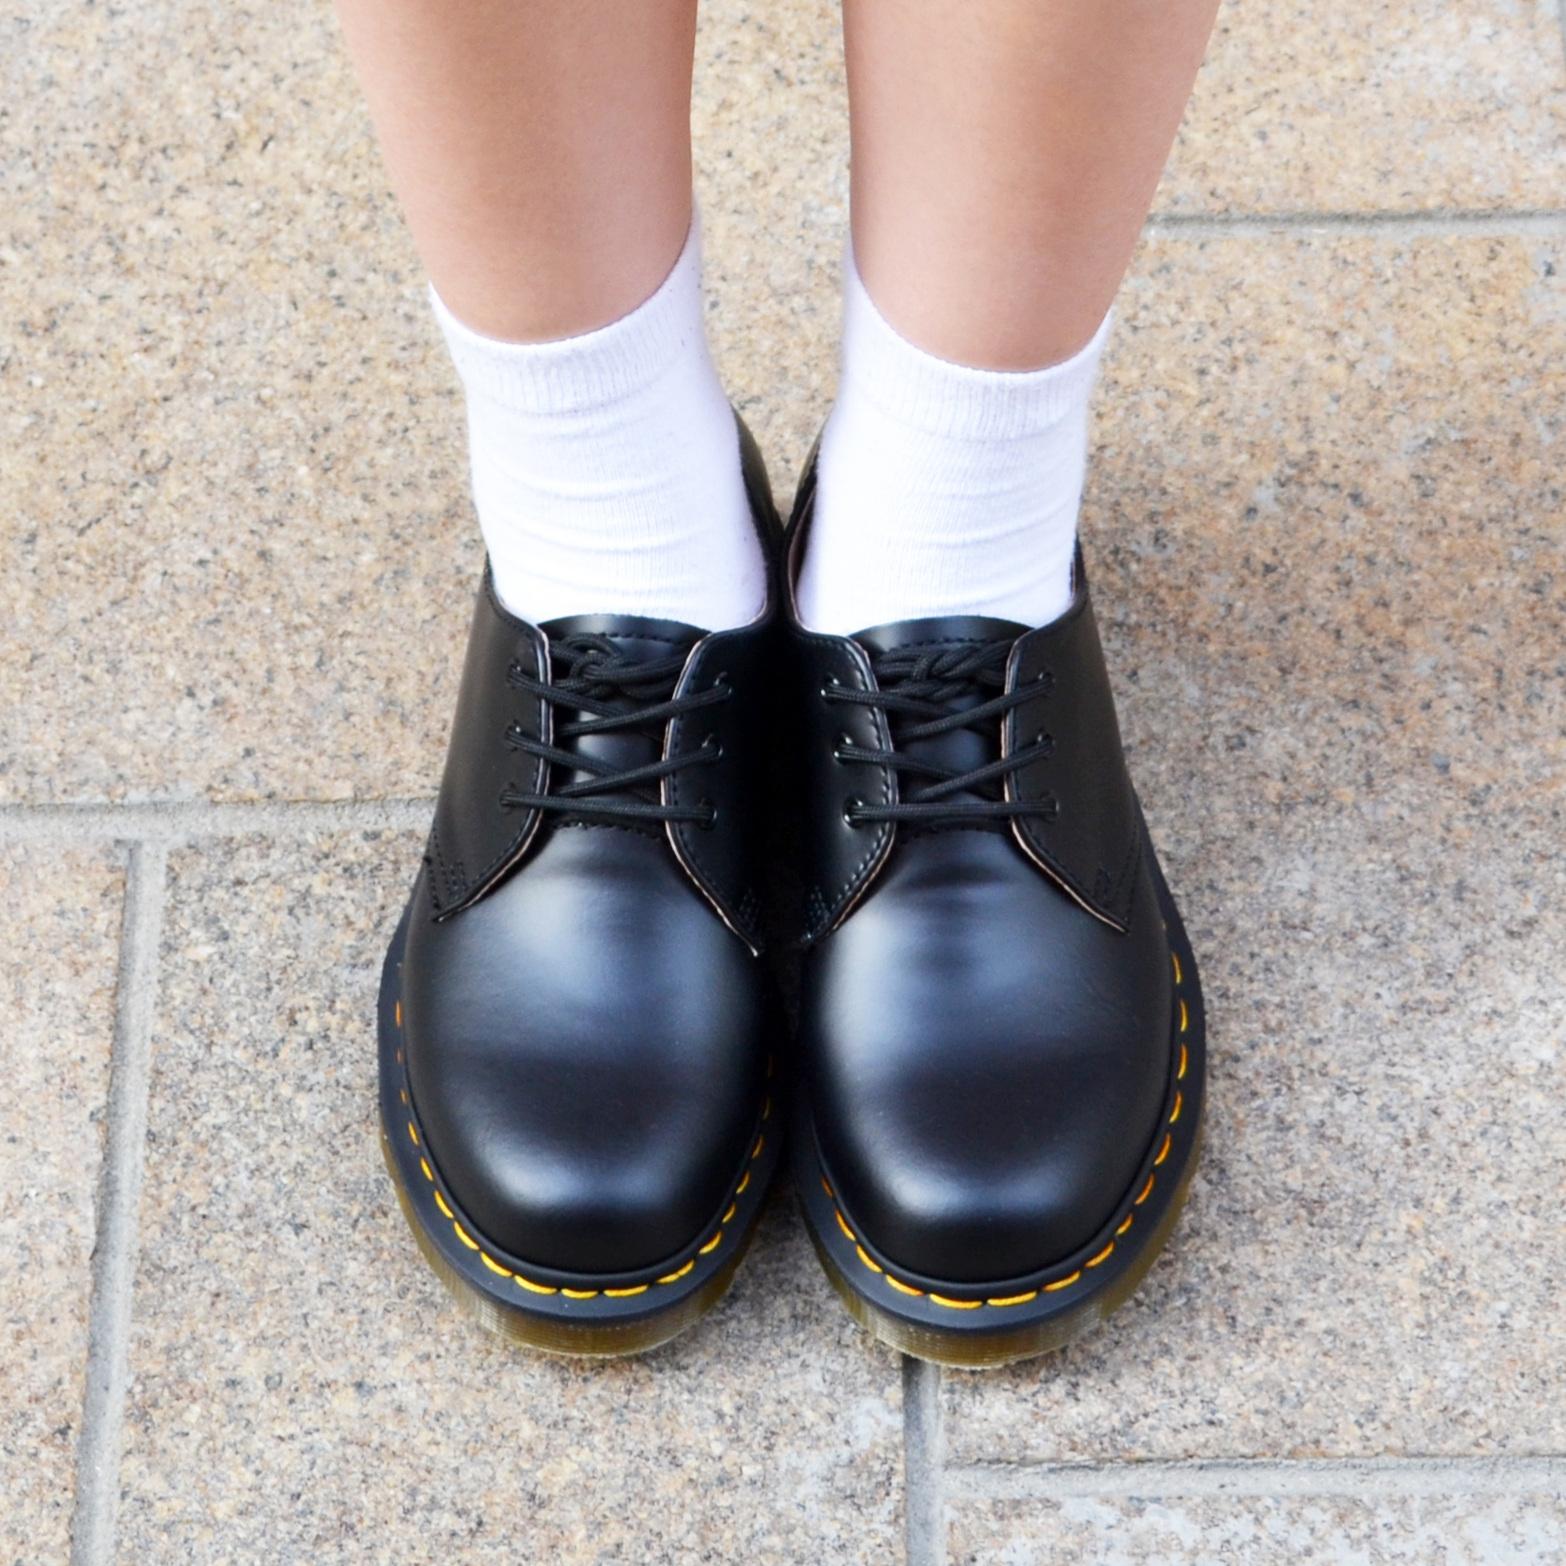 馬丁靴正品低幫英倫男女硬皮德比鞋3孔布洛克1461情侶黑色馬丁鞋